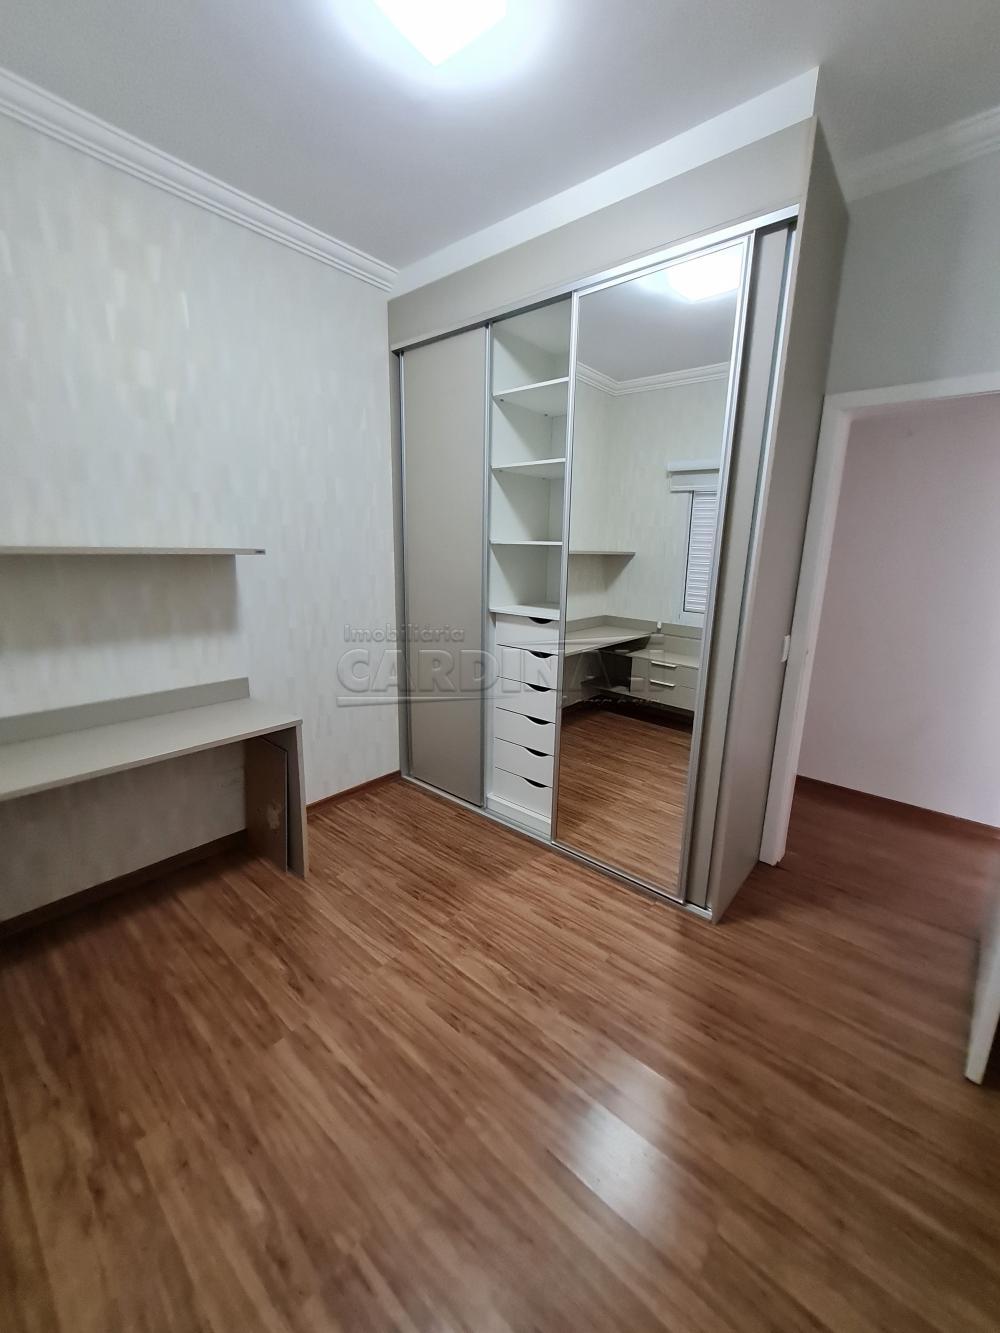 Comprar Casa / Condomínio em São Carlos R$ 865.000,00 - Foto 8